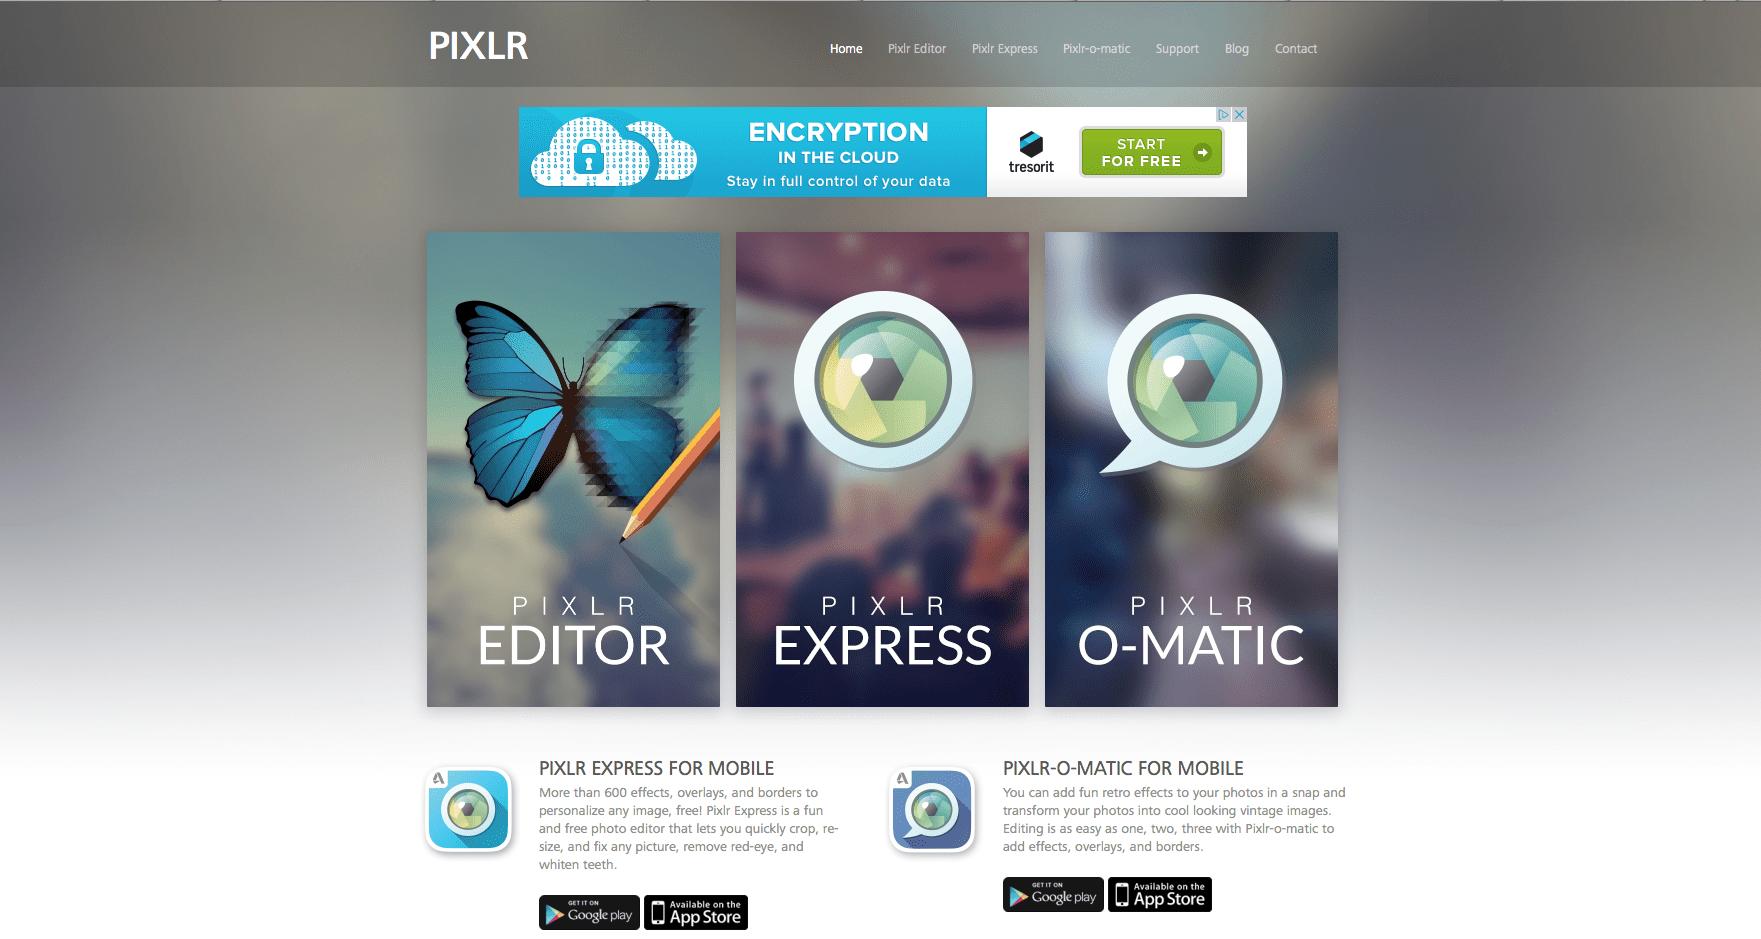 aplicativos para criar imagens pixlr